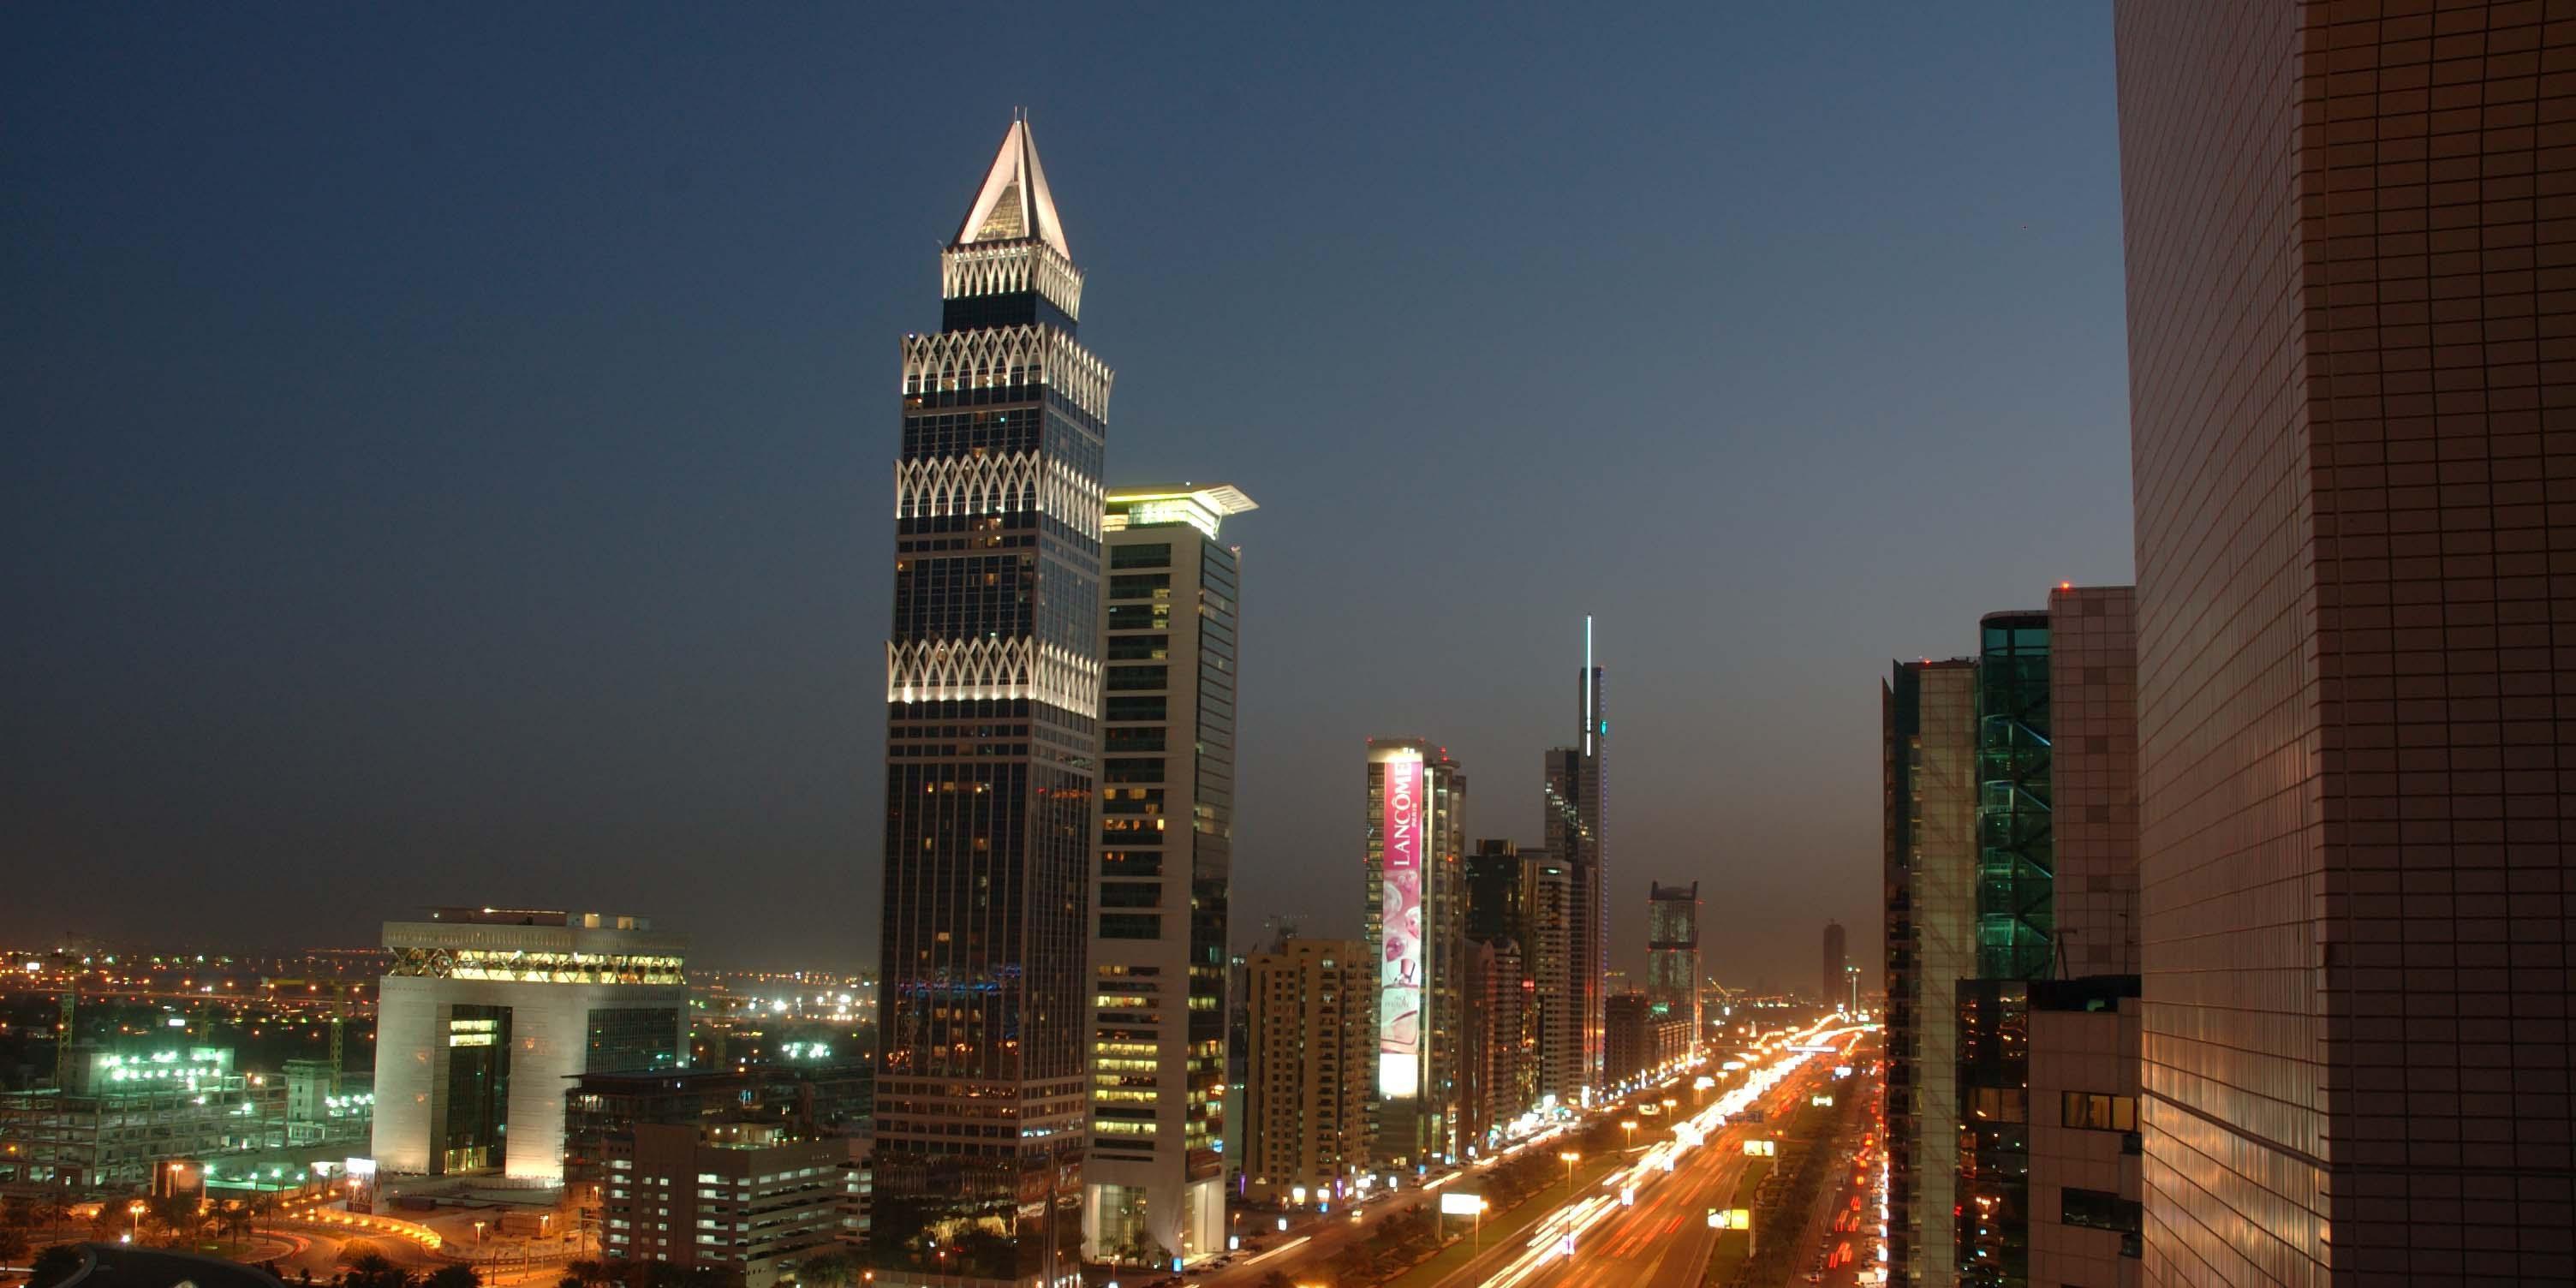 阿联酋迪拜皇冠假日酒店Crowne Plaza Hotel